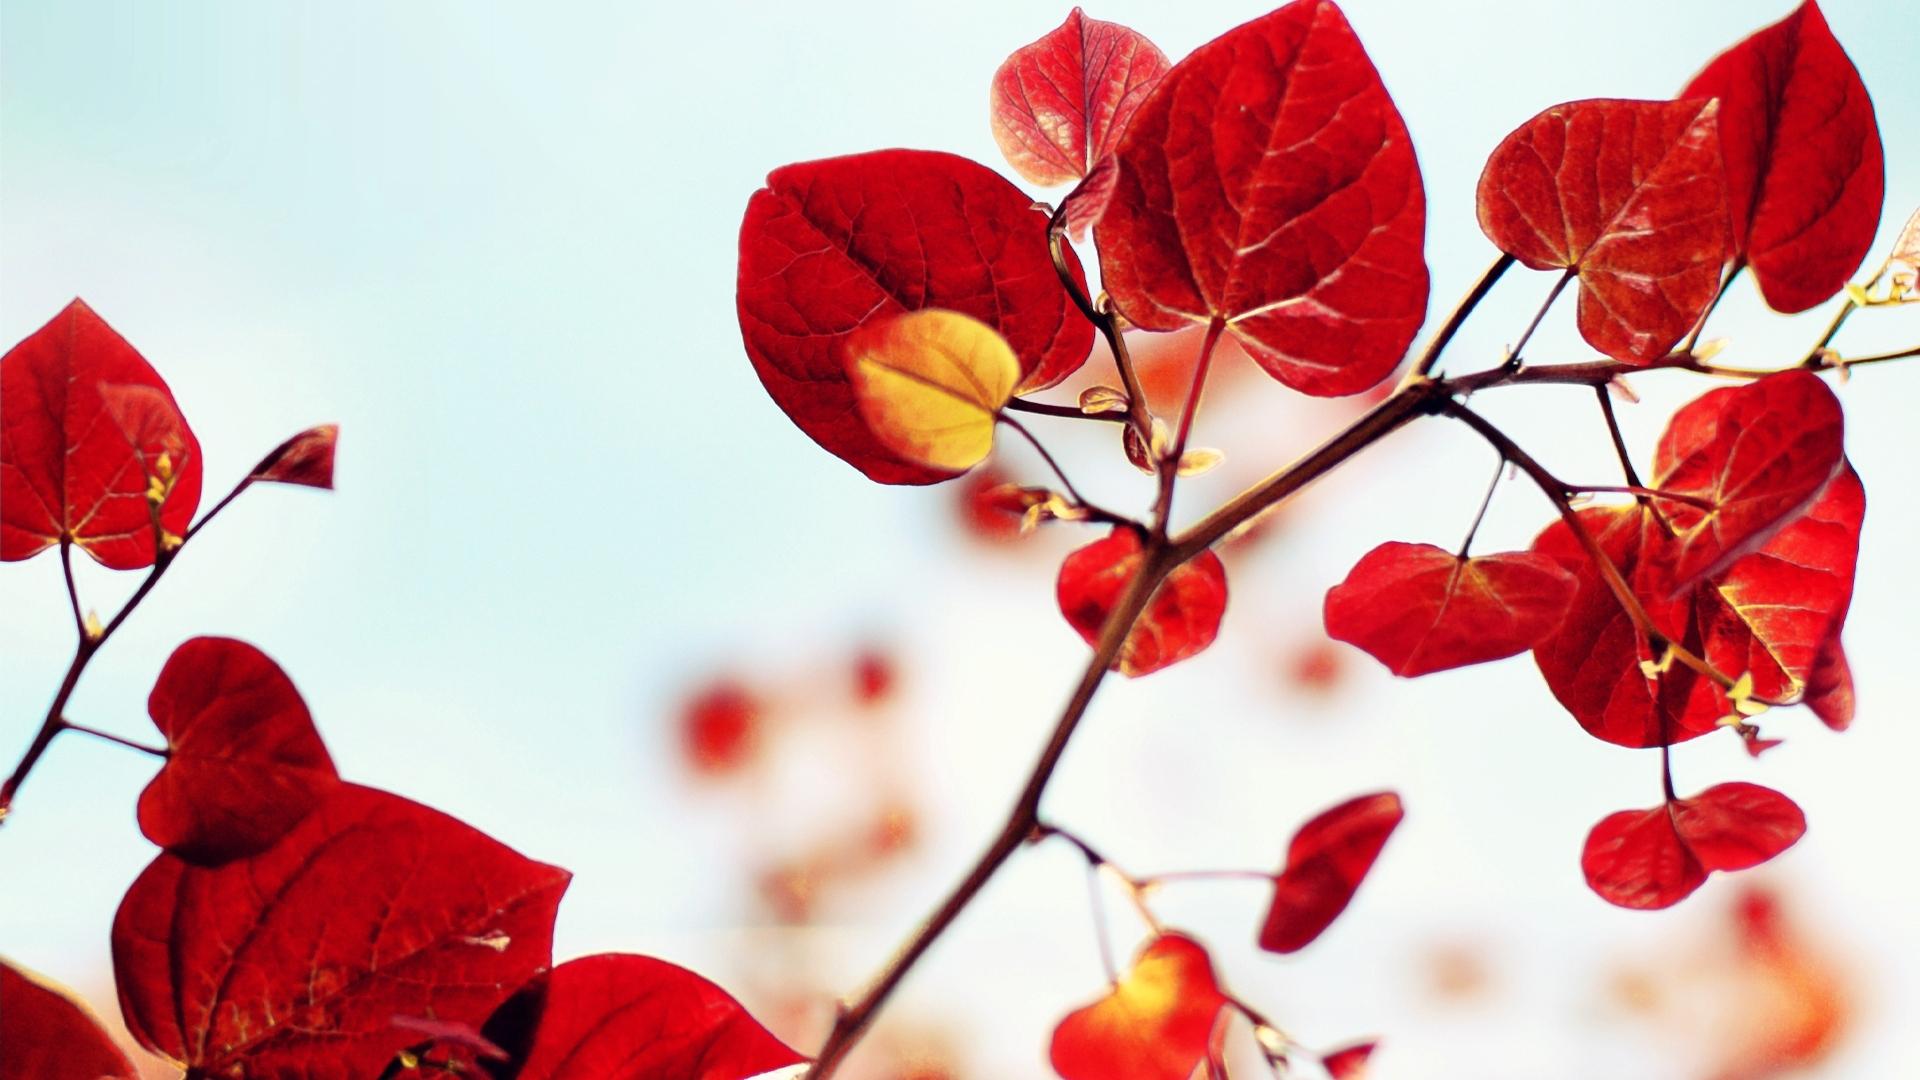 38337 Hintergrundbild herunterladen Blätter, Pflanzen - Bildschirmschoner und Bilder kostenlos